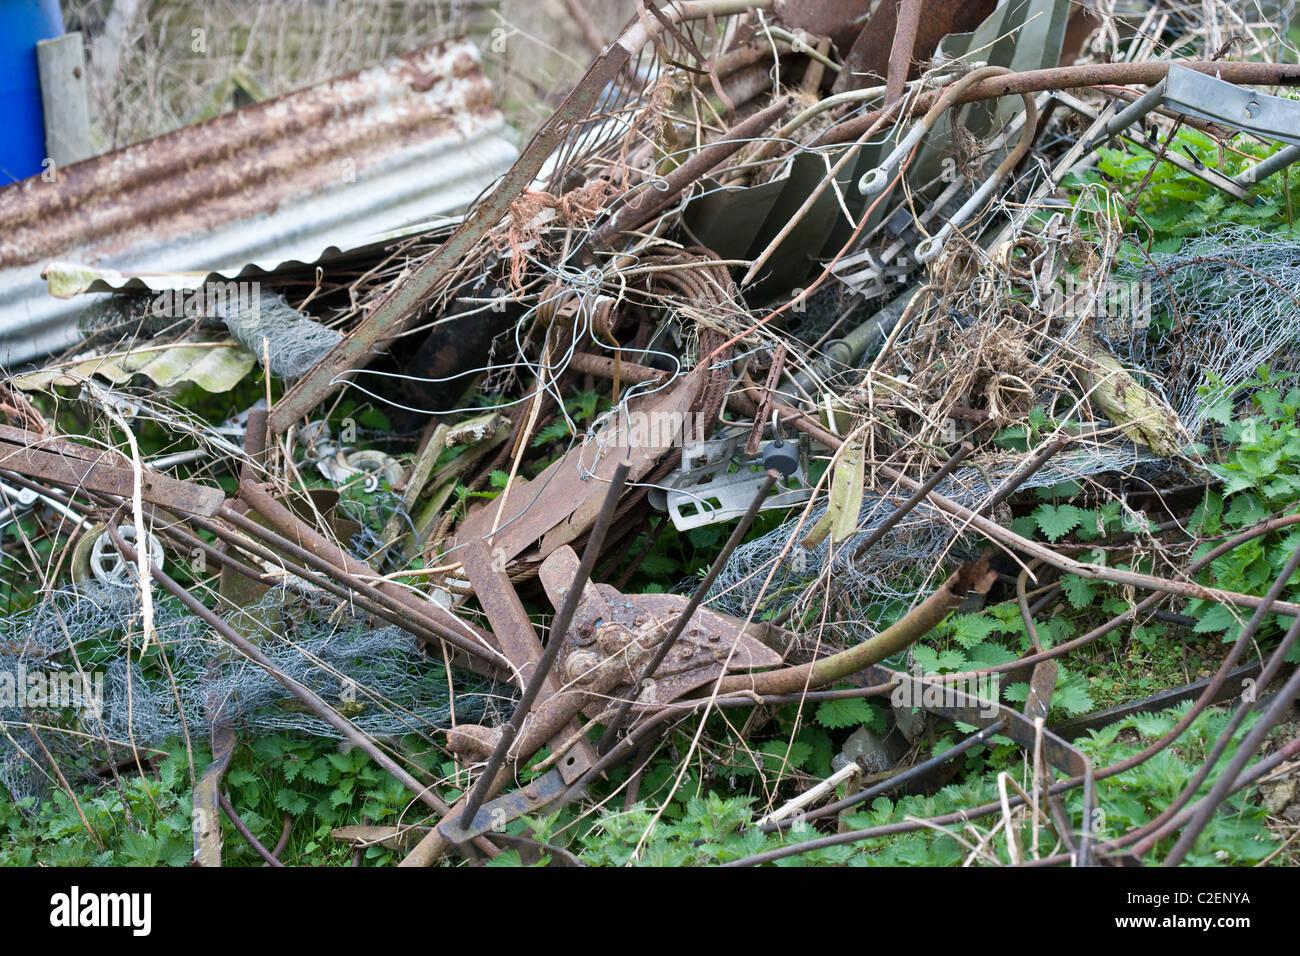 6.4.2011 Scrap metal in a farmyard. © - Stock Image